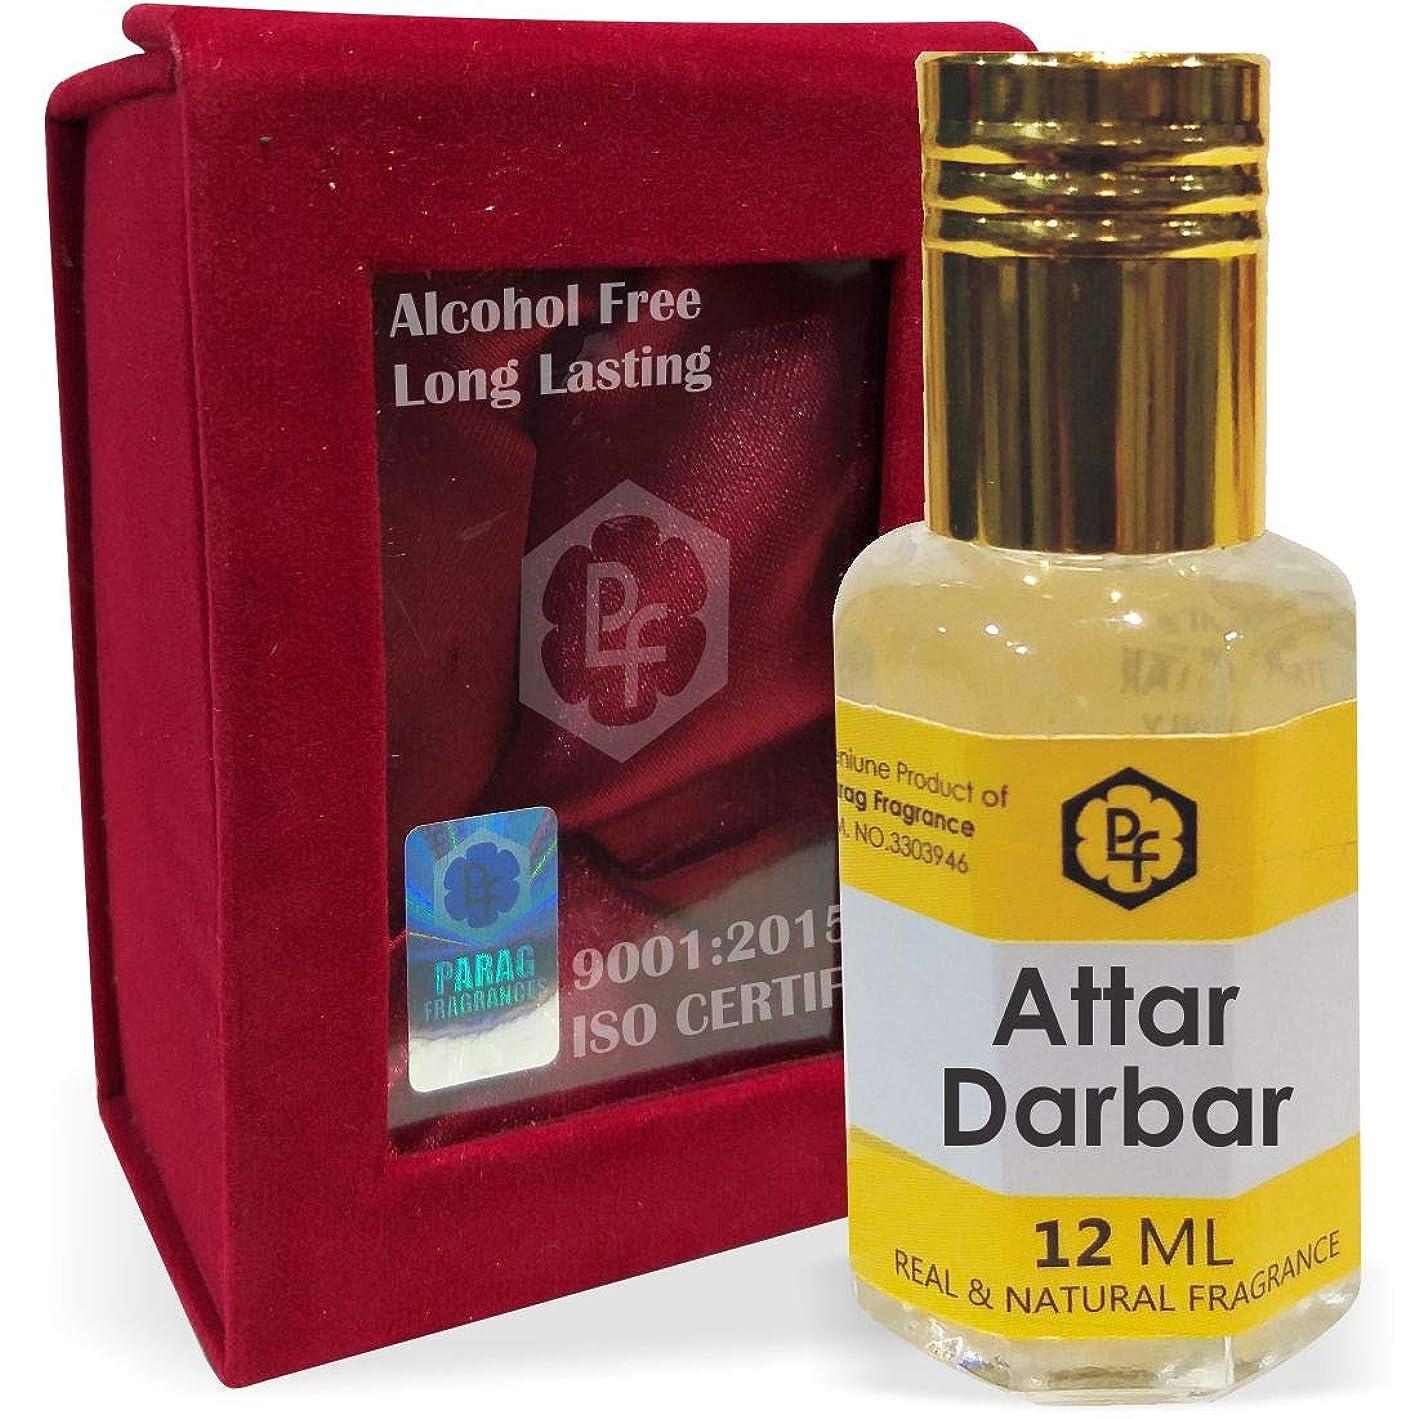 準拠再生可能露出度の高いParagフレグランス手作りベルベットボックスDarbarの12ミリリットルアター/香水(インドの伝統的なBhapka処理方法により、インド製)オイル/フレグランスオイル|長持ちアターITRA最高の品質